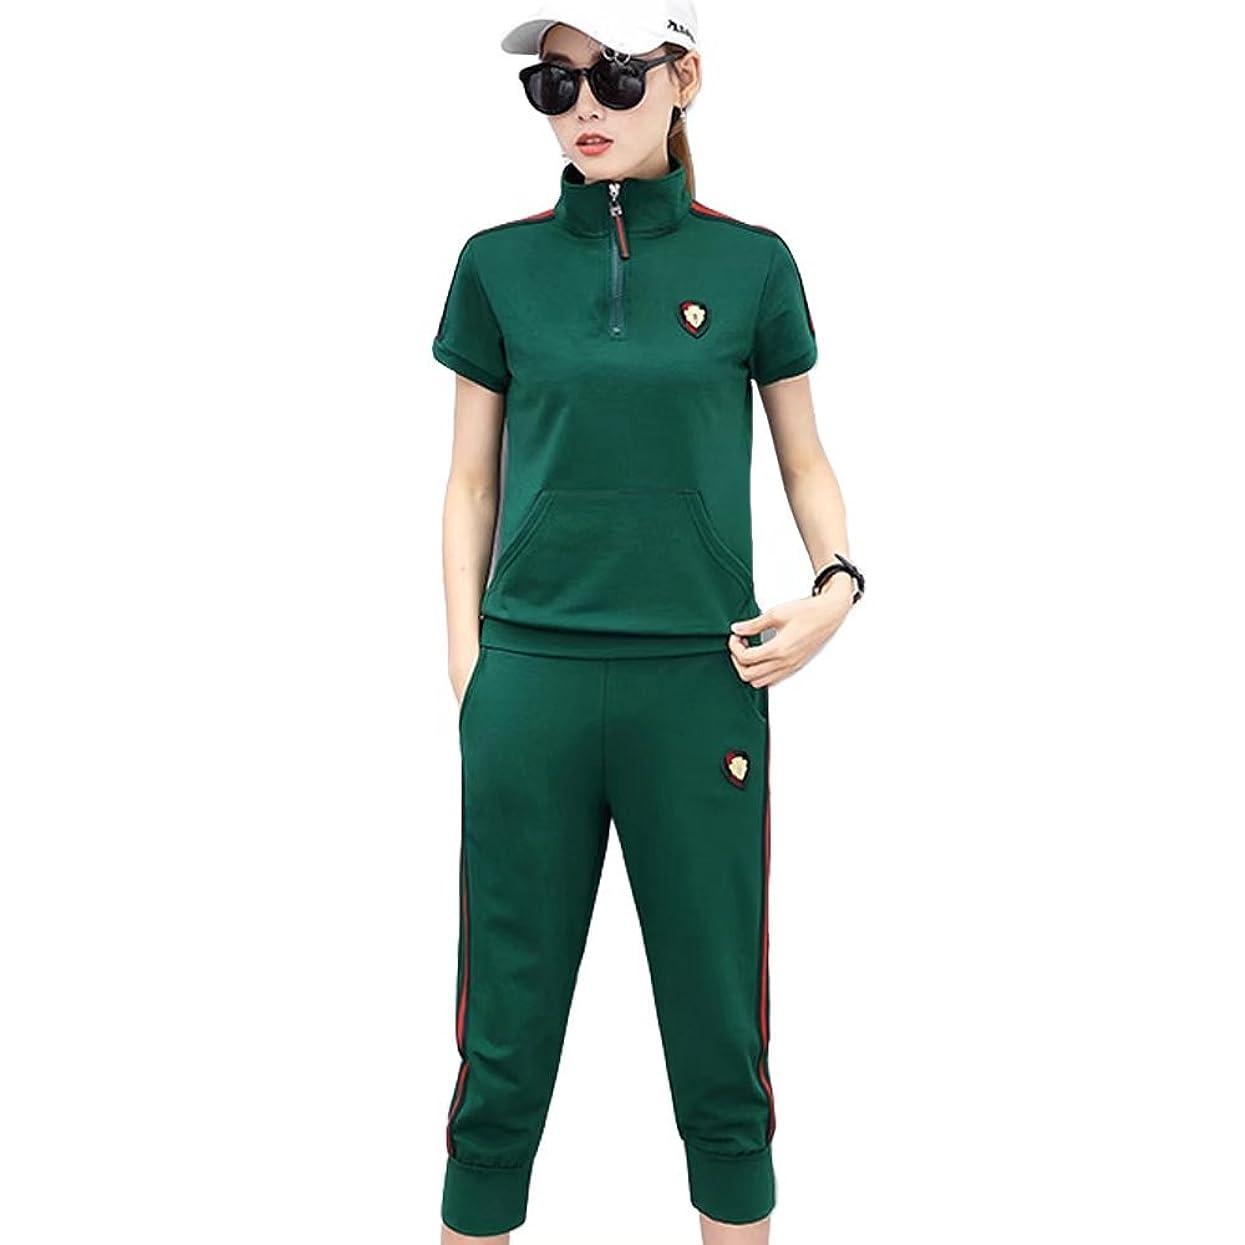 閉塞専門誰も【ユウエ】ジャージ レディース 上下 スポーツウェア ゴルフウェア スウェット ポロシャツ セットアップ 大きいサイズ 014-ayss-9950(M ダークグリーン )